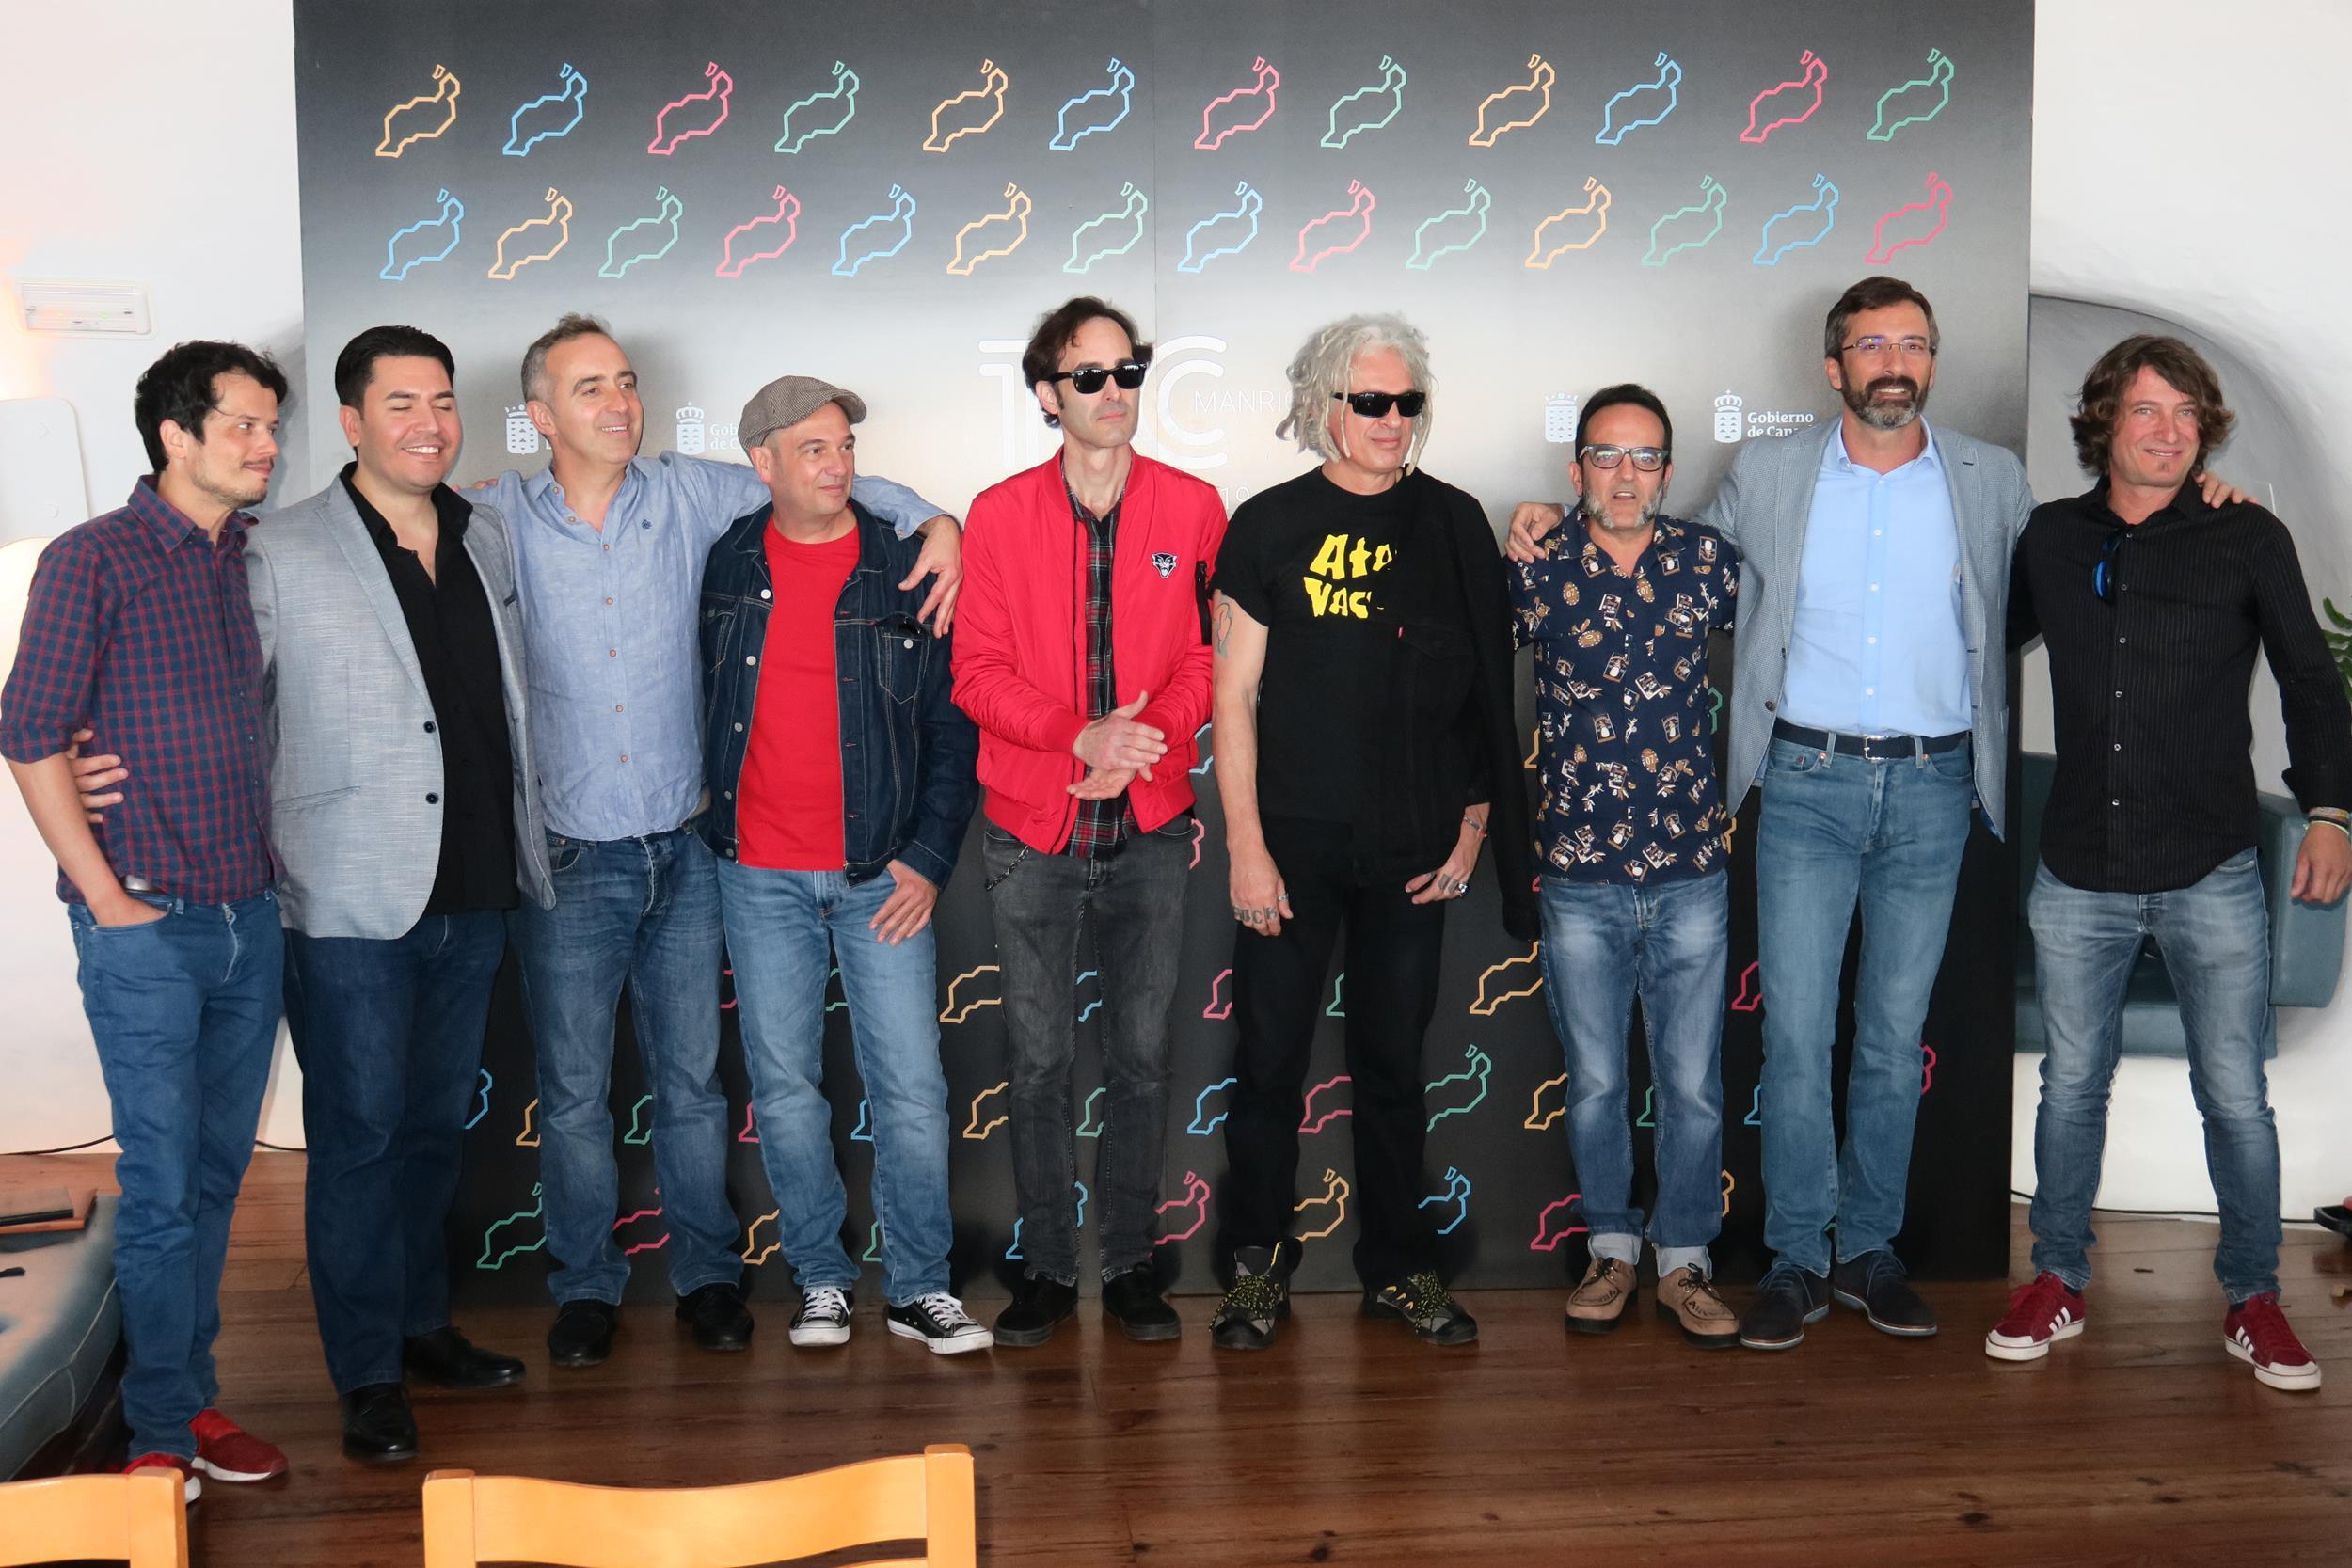 El 'Escenario Manrique' acogerá más de una veintena de espectáculos y conciertos en once días para conmemorar el centenario del nacimiento de César